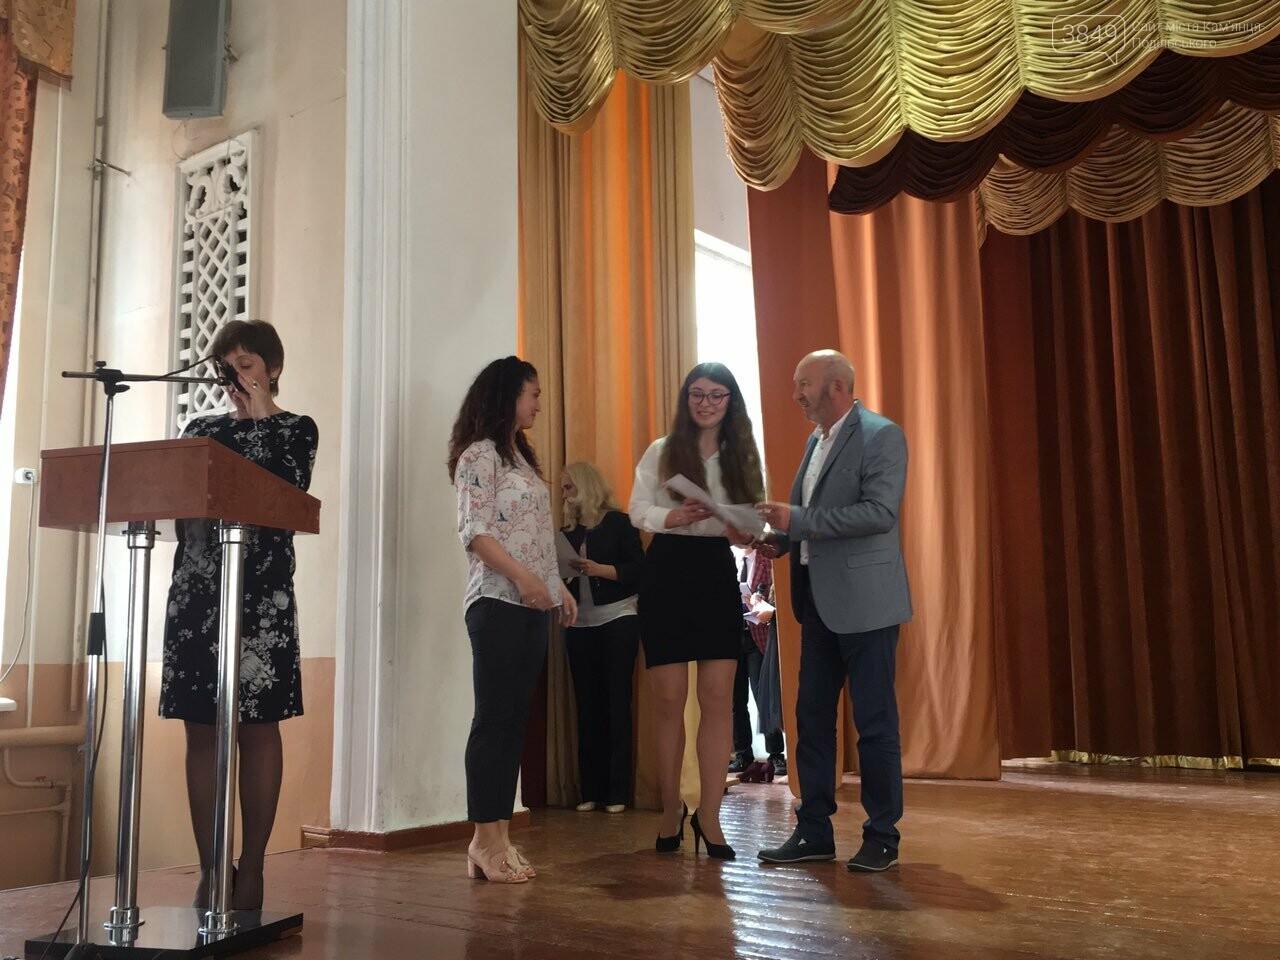 Обдарованих кам'янецьких школярів відзначили грошовими преміями, фото-1